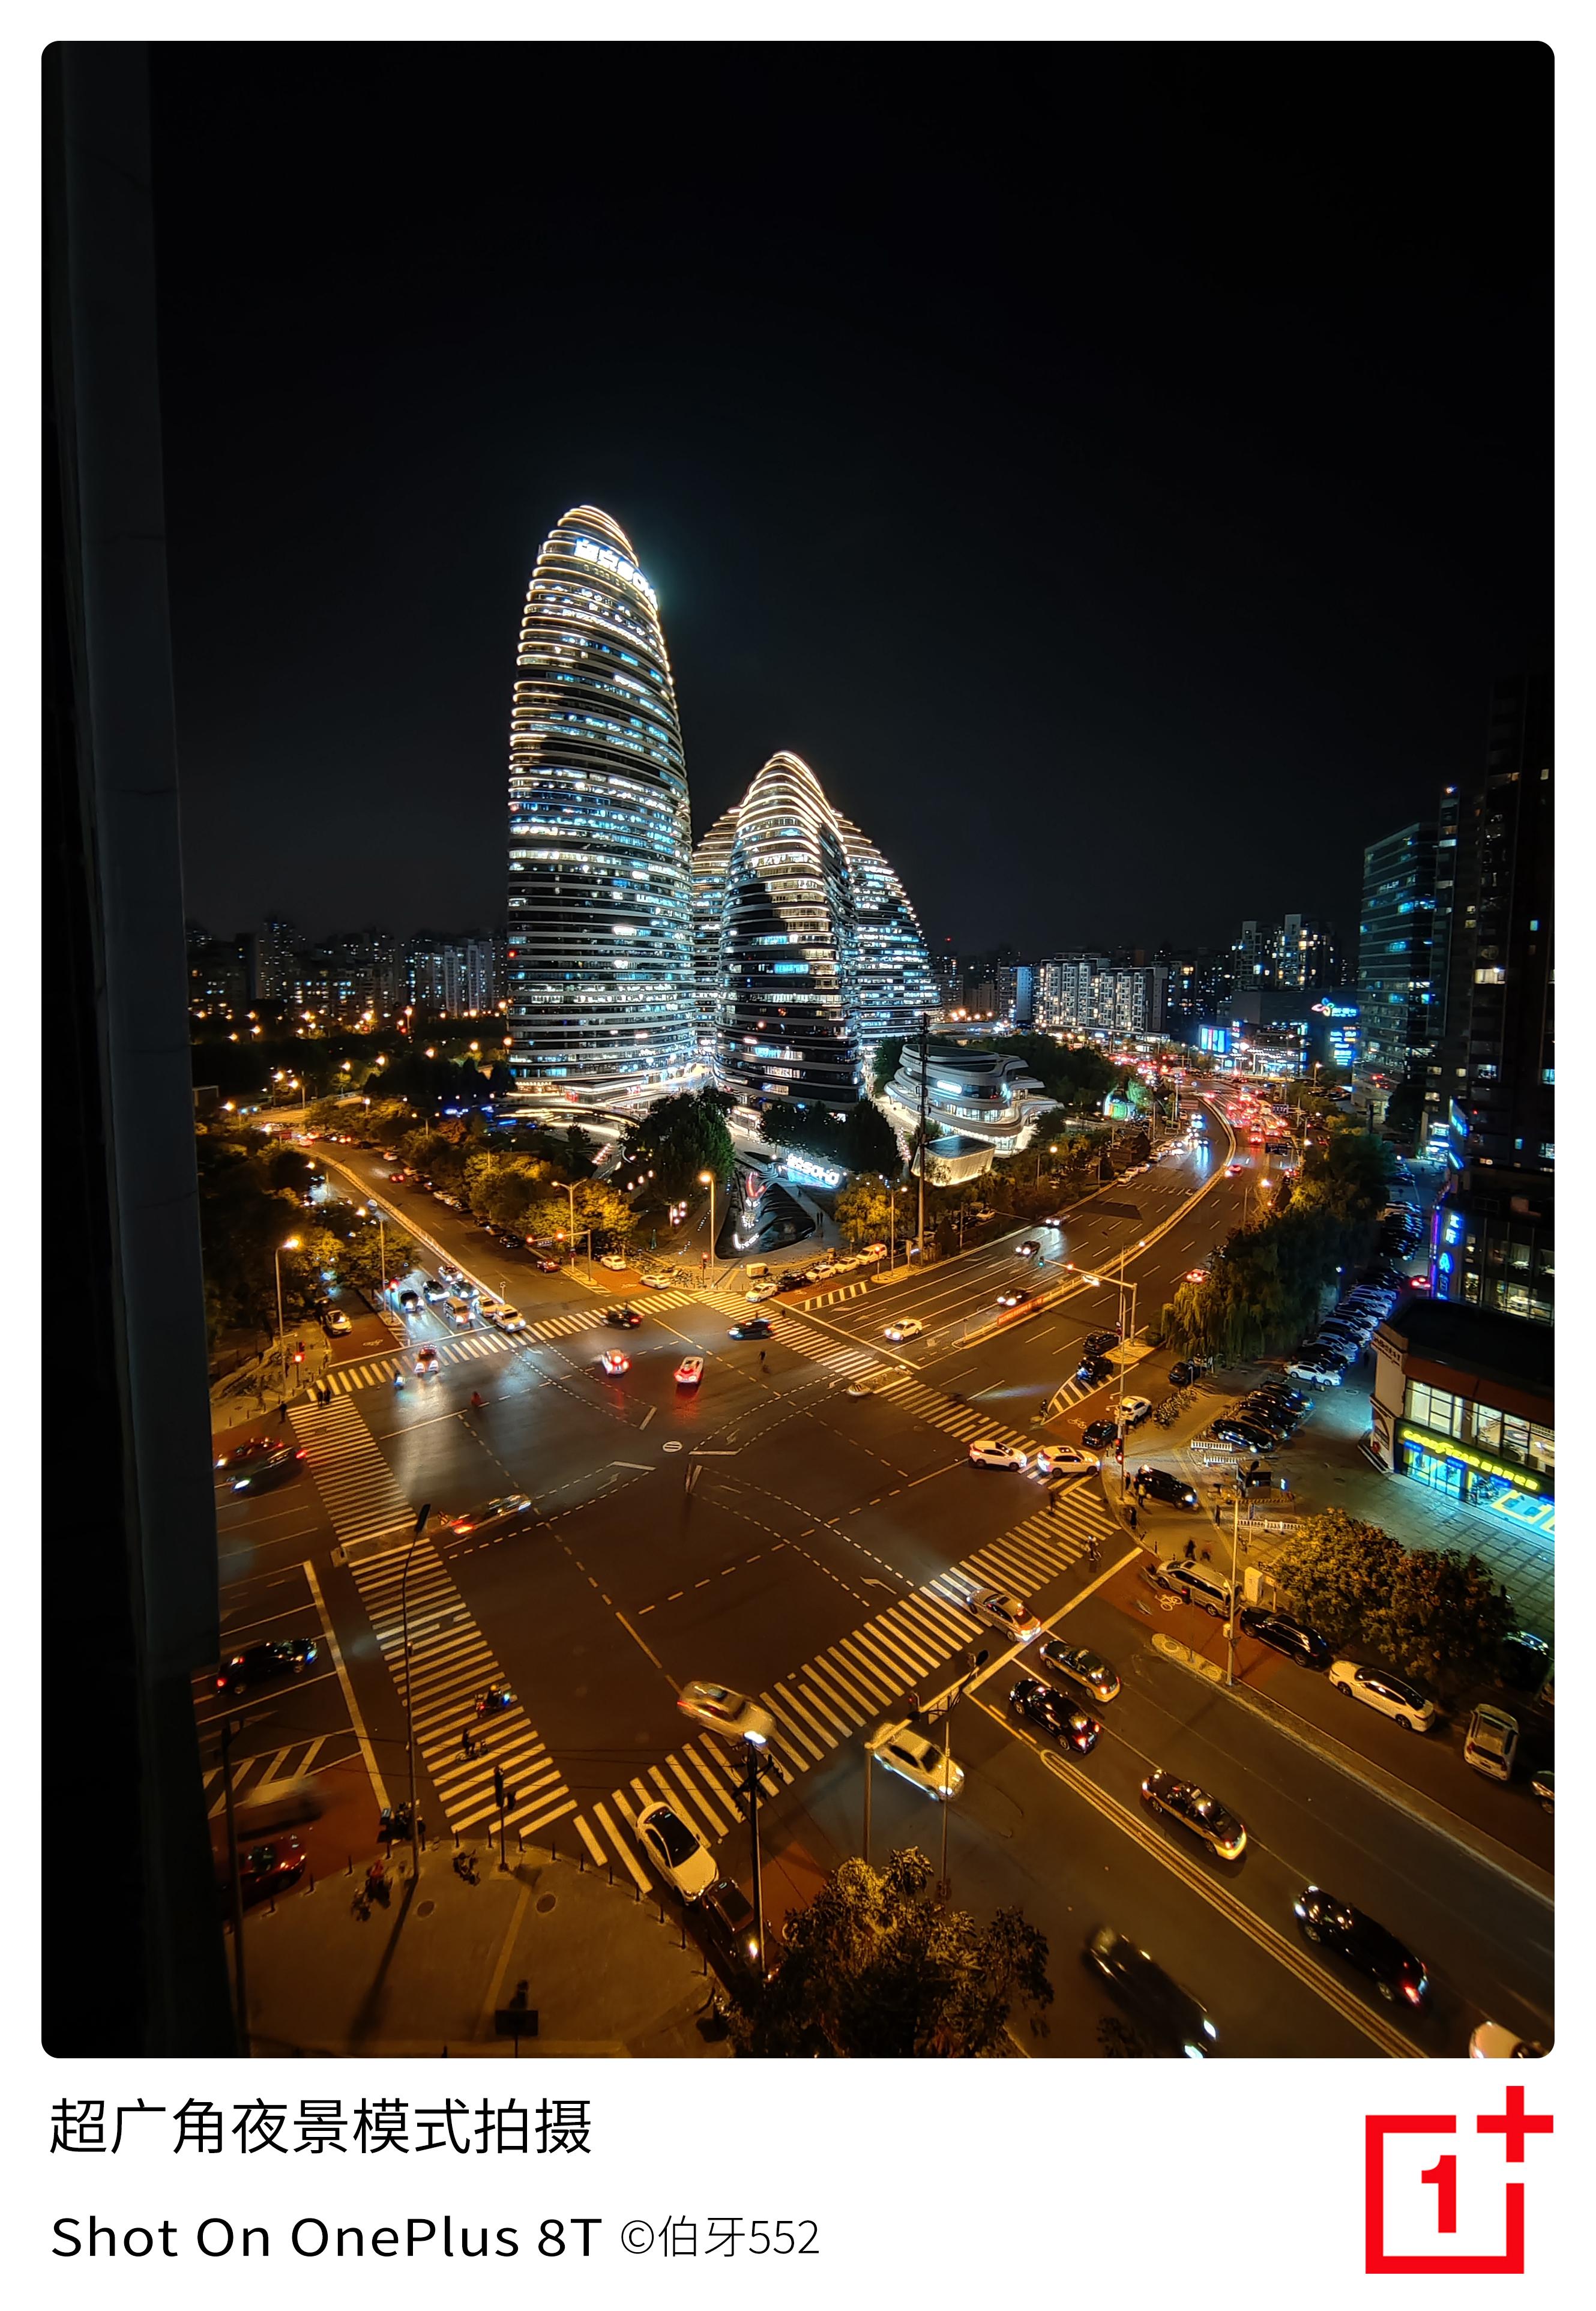 超广角图夜景模式.jpg